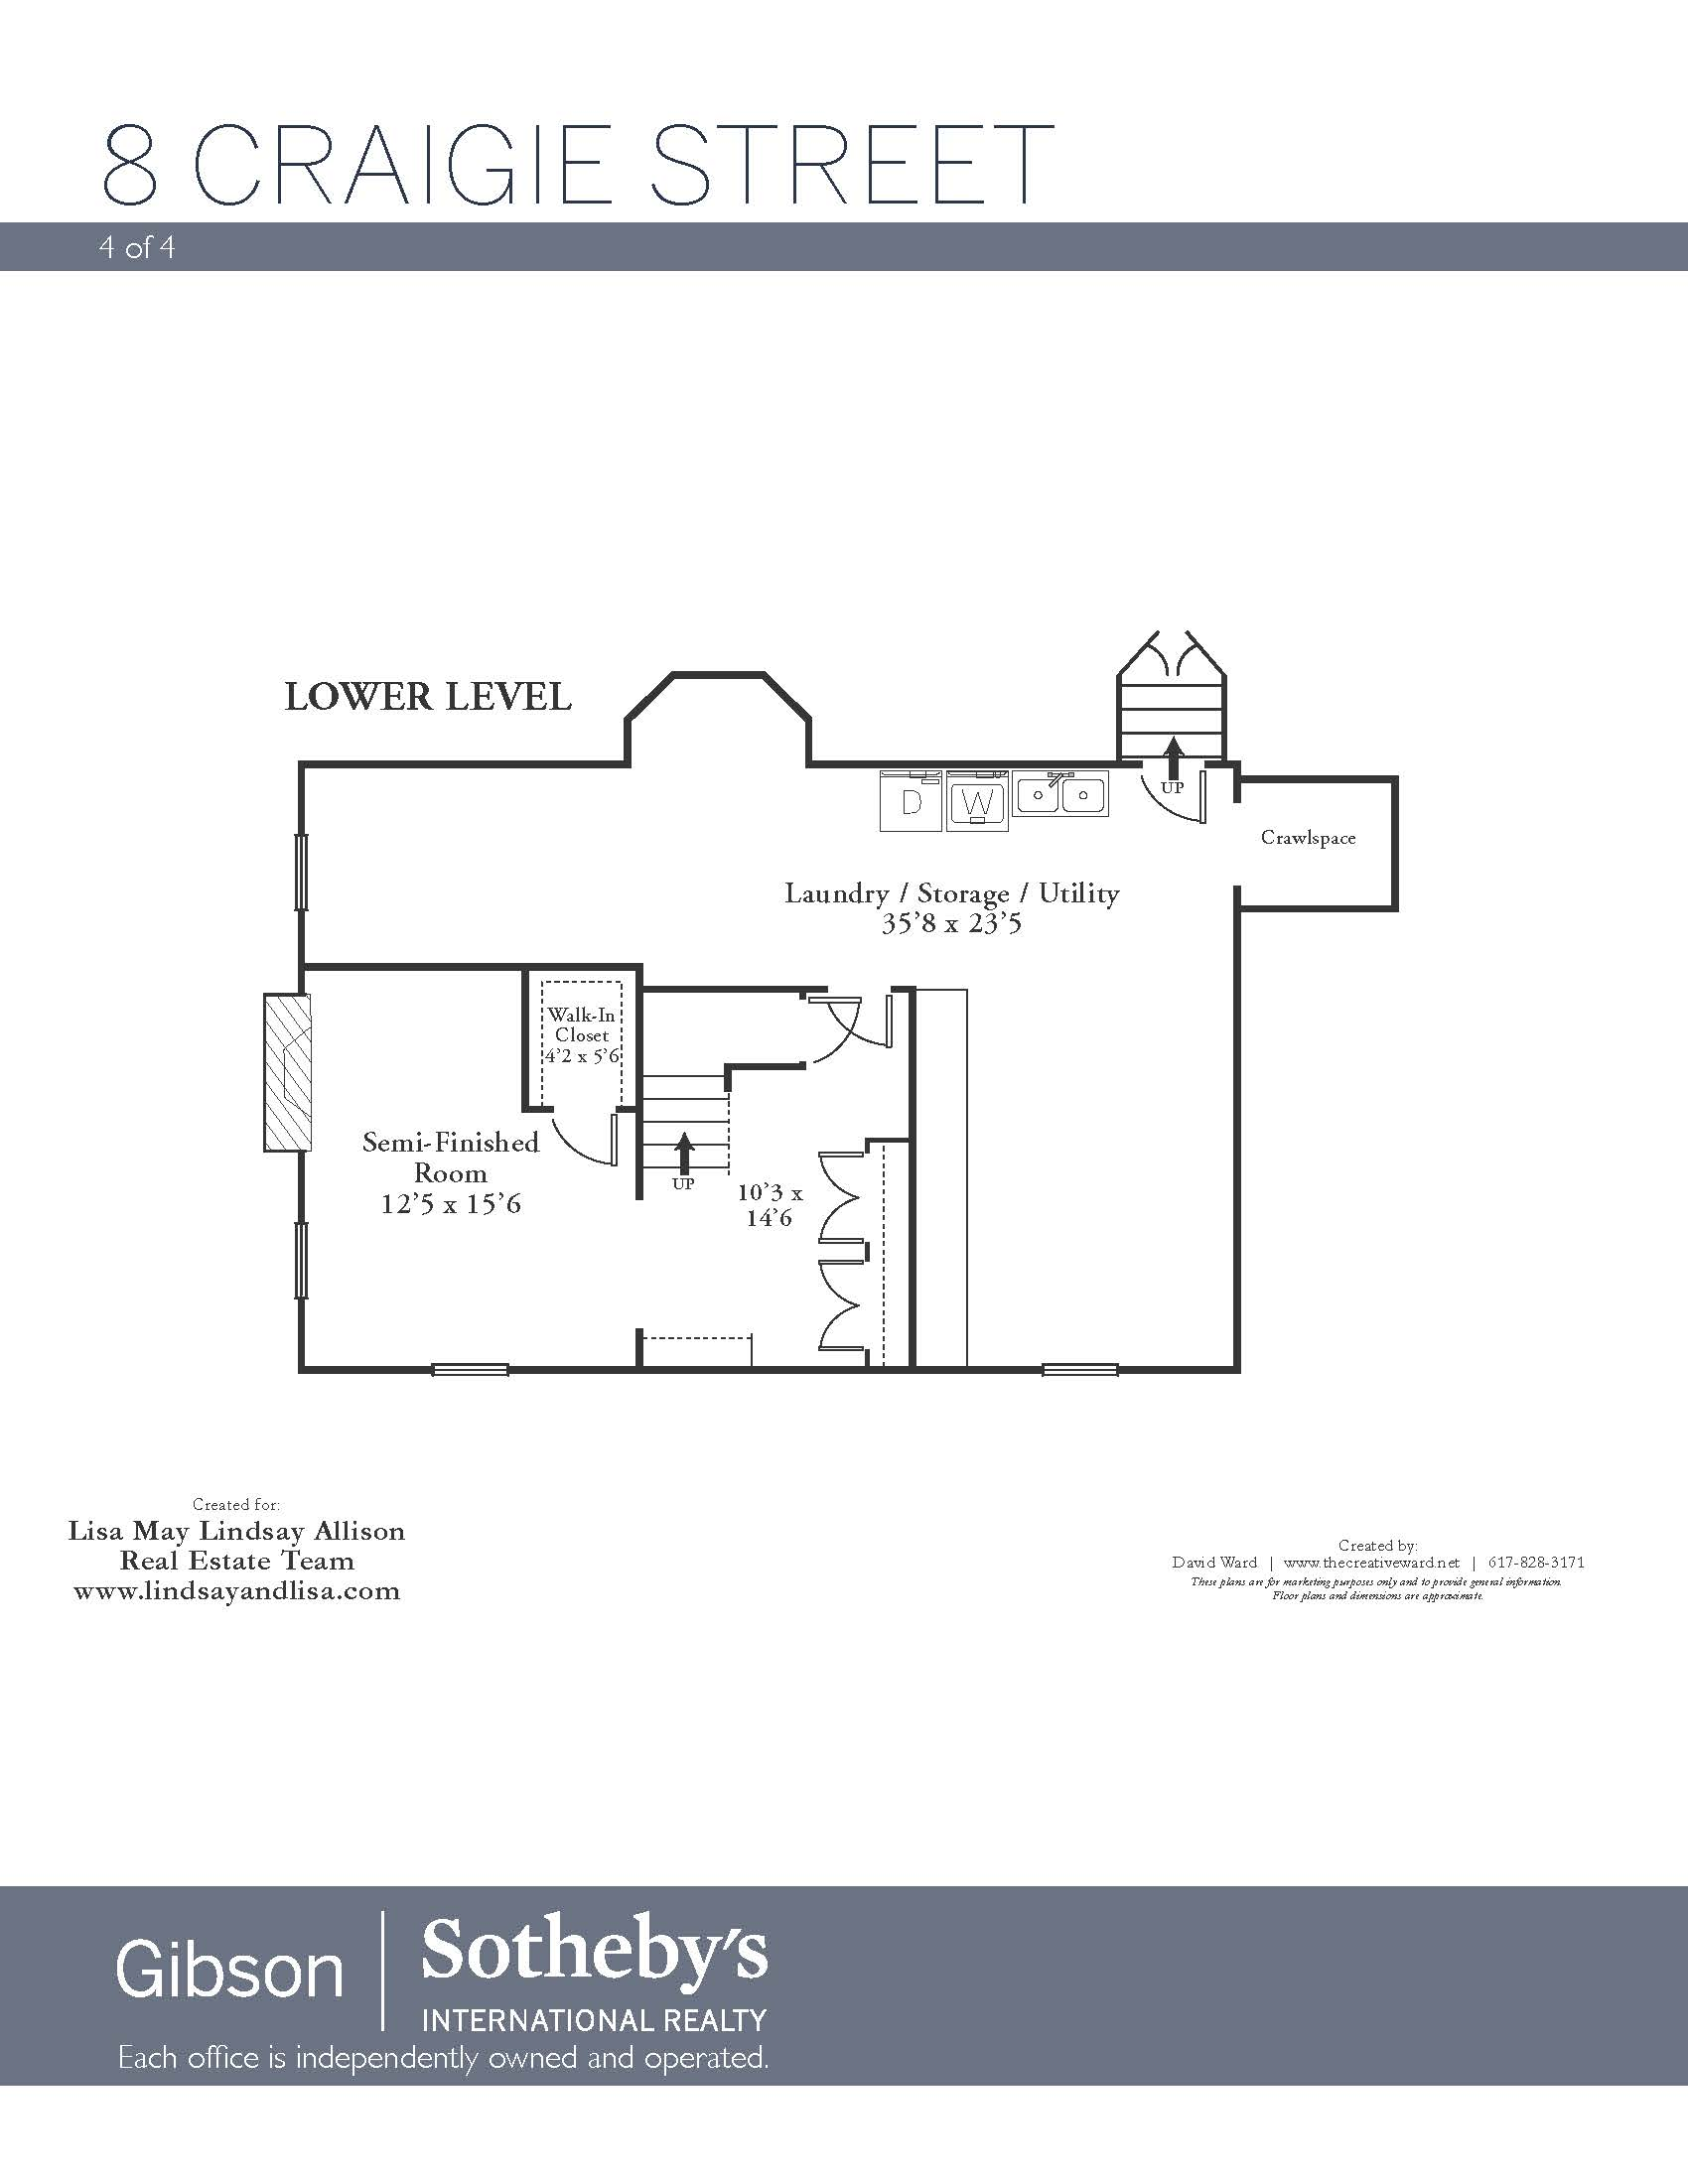 branded floorplan from Rhodesia_Page_4.jpg